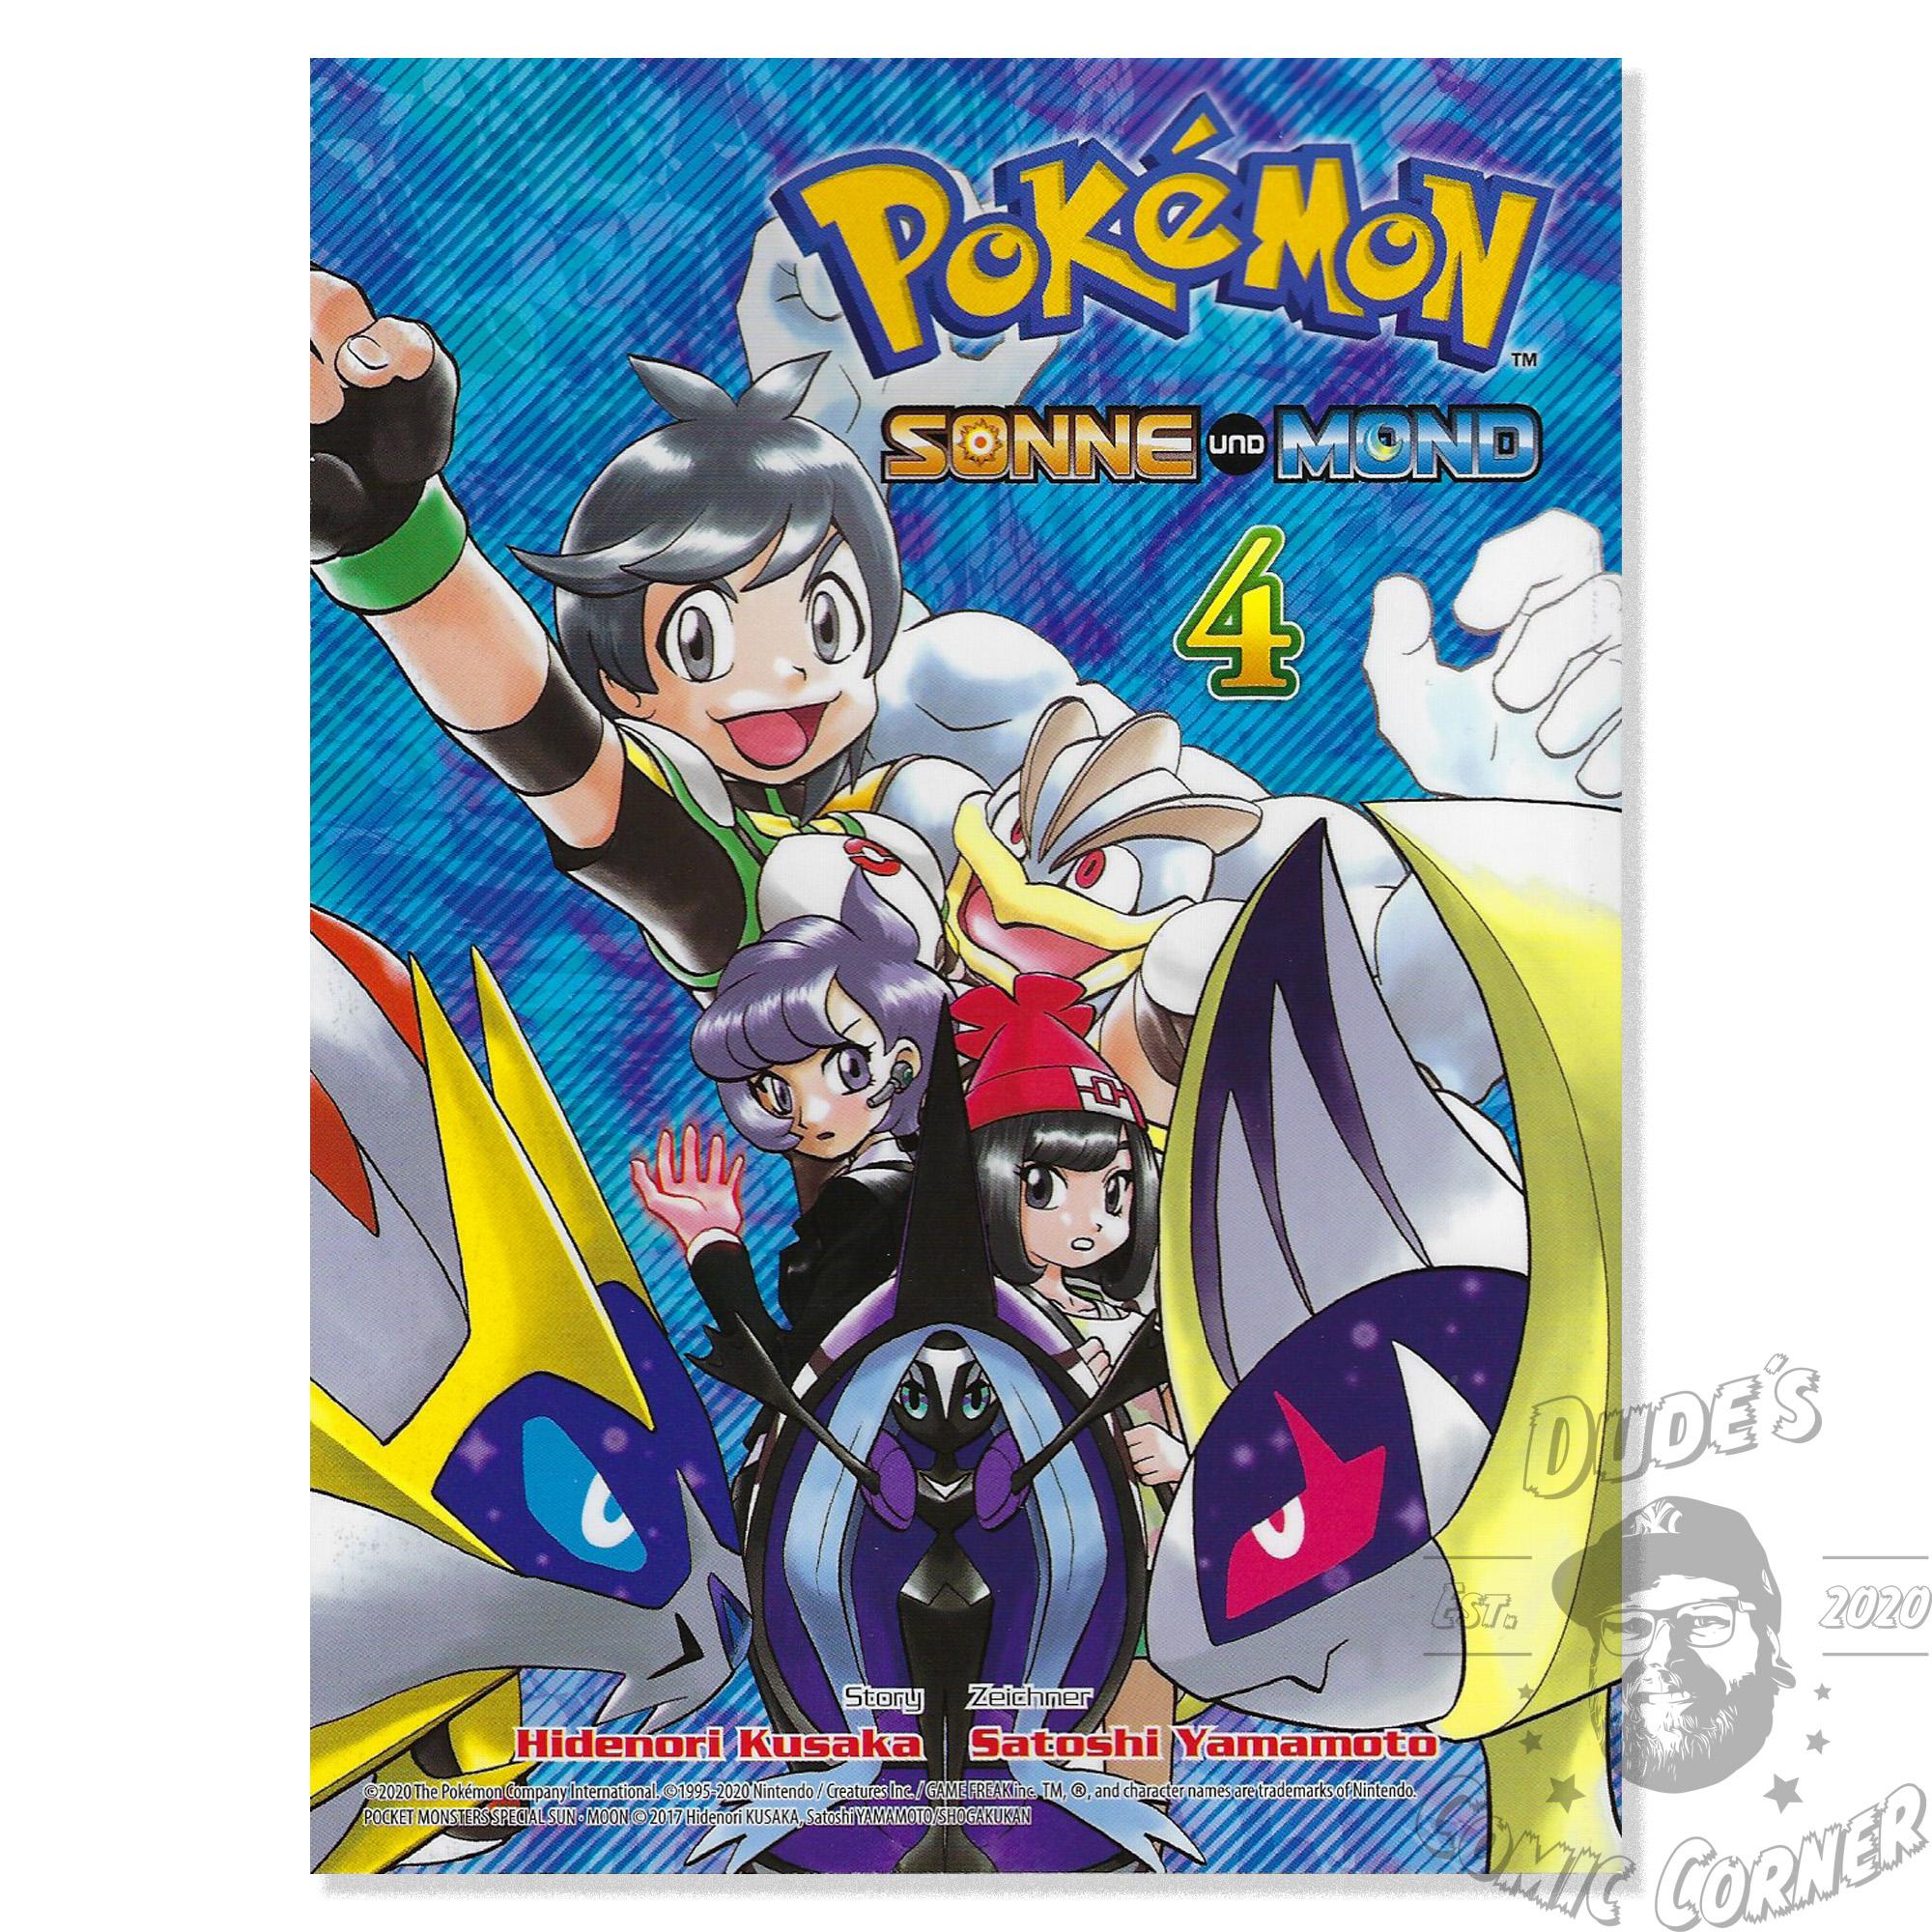 Pokémon: Sonne und Mond #4 | Dudes Comic Corner